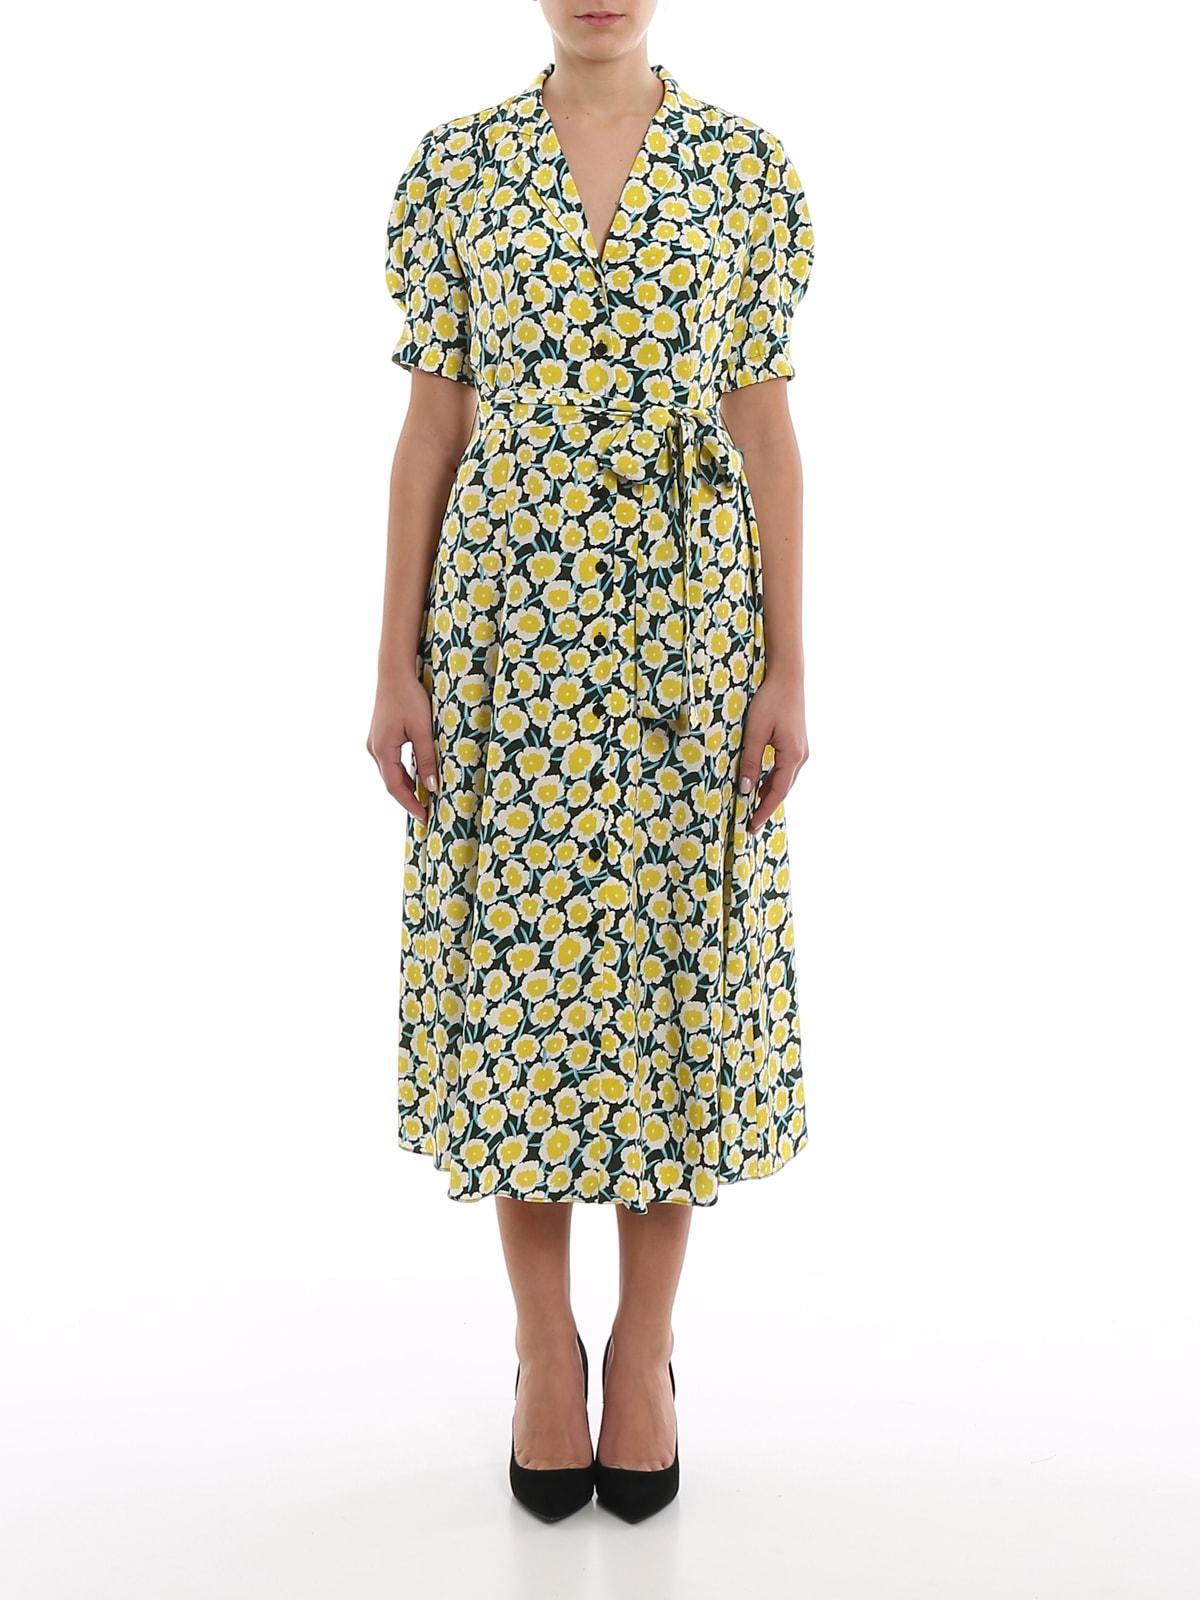 Diane Von Furstenberg – Lilly Dress